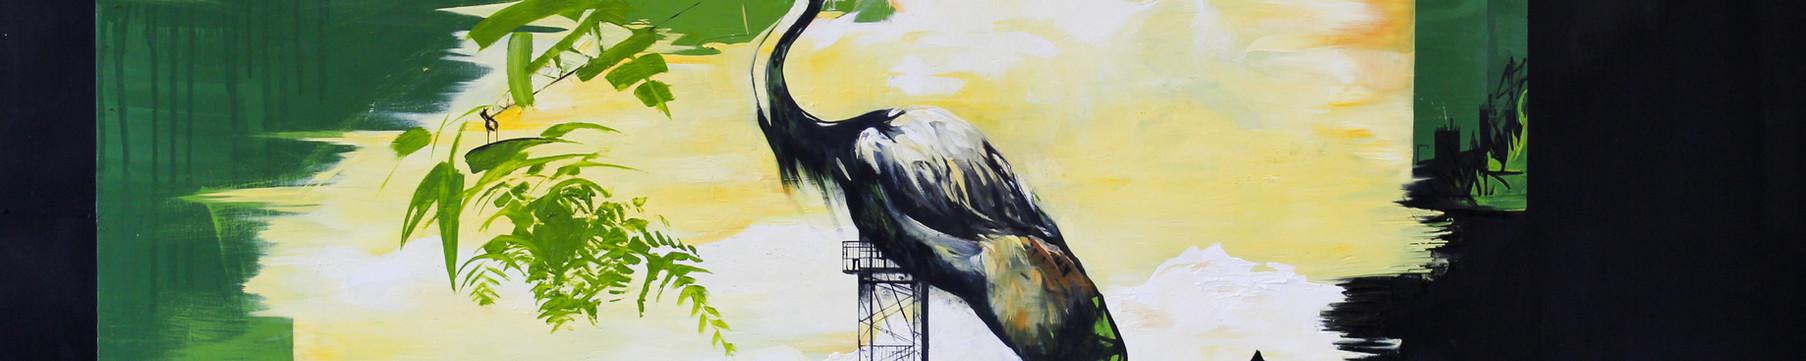 Cranes & Cranes